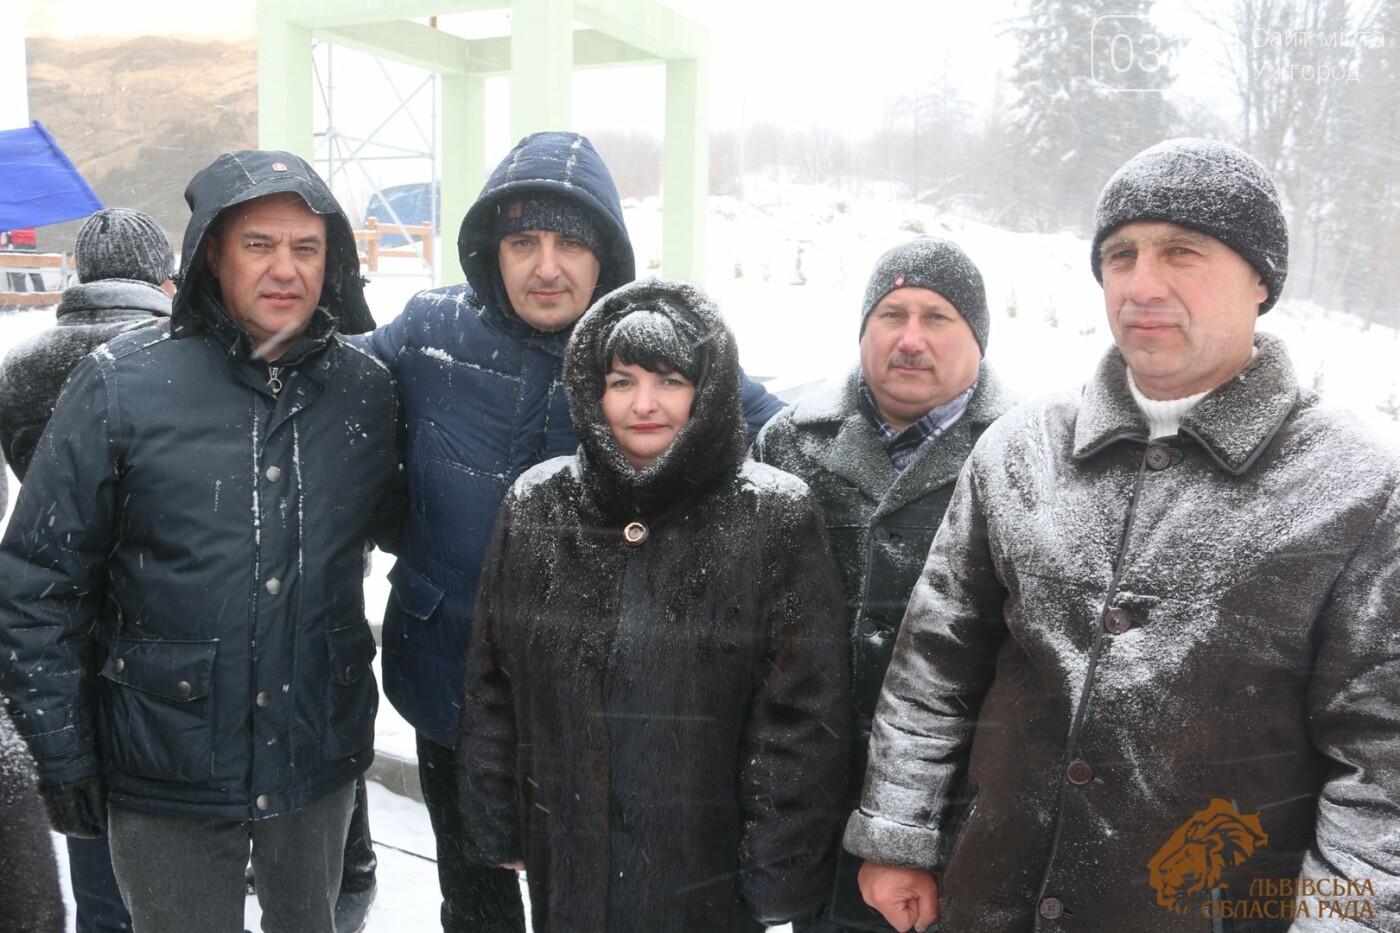 Закарпатці віддали шану полеглим січовикам Карпатської України на Верецькому перевалі (ФОТОРЕПОРТАЖ), фото-14